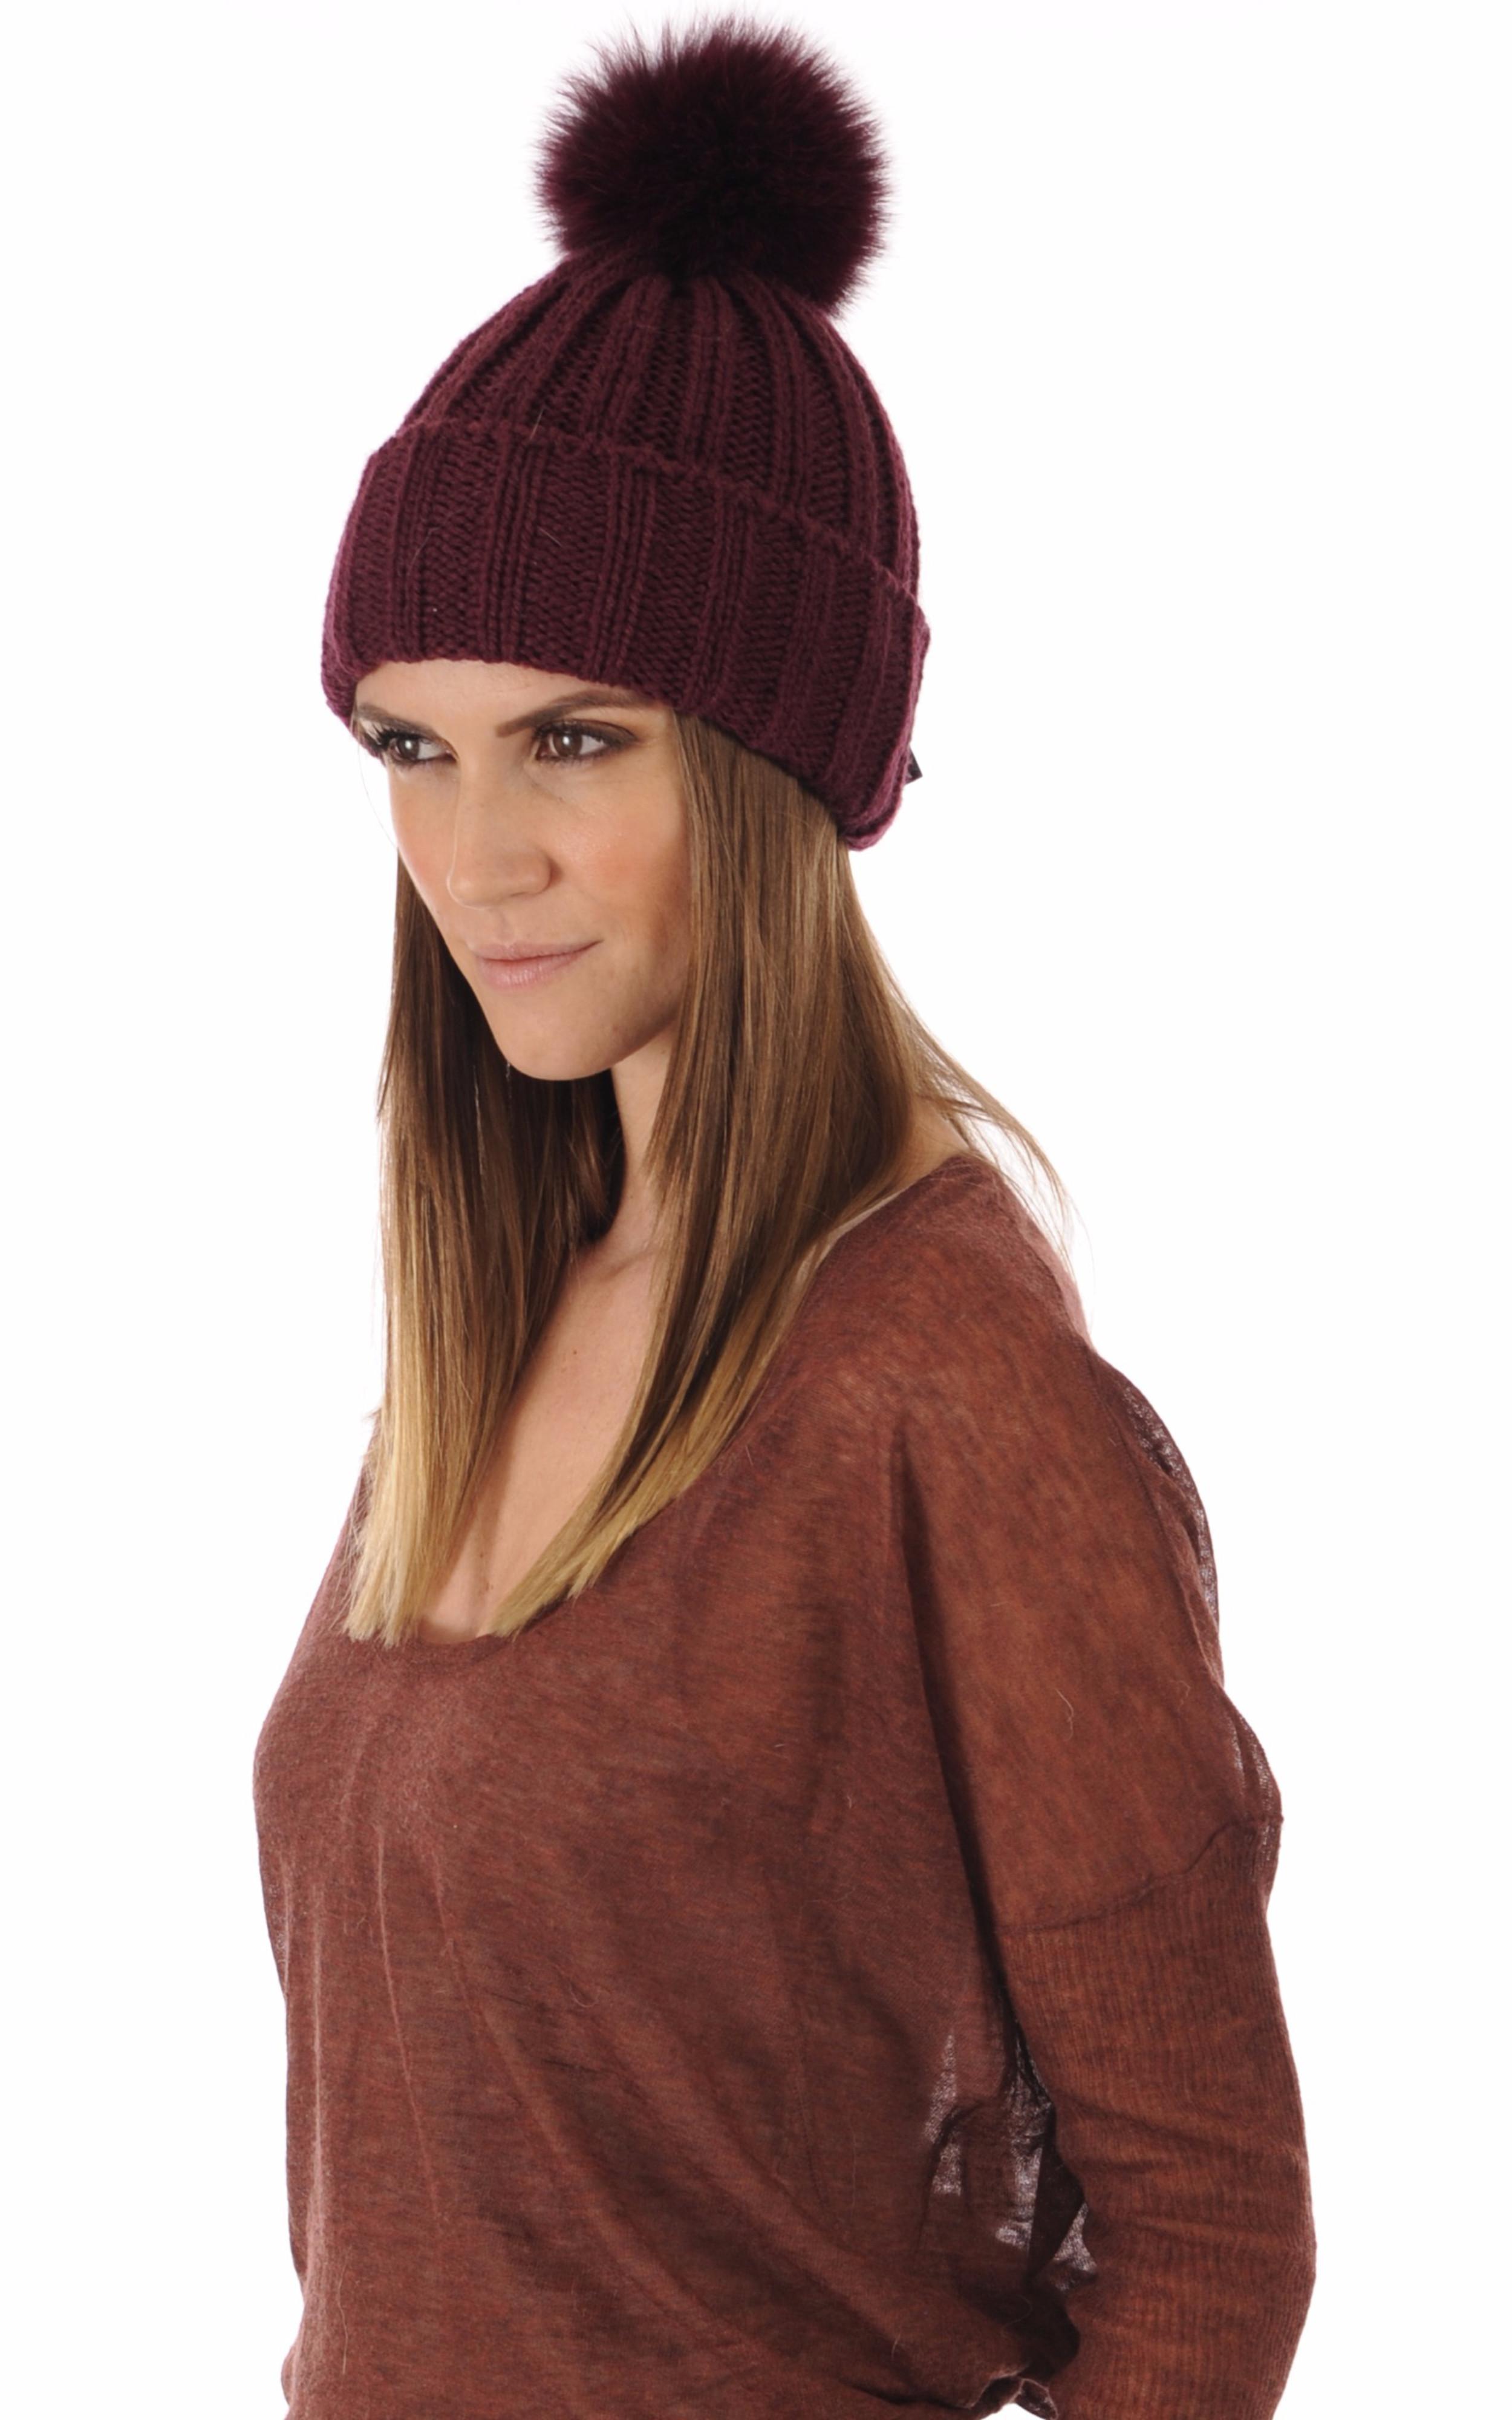 Bonnet laine et fourrure bordeaux Hpi